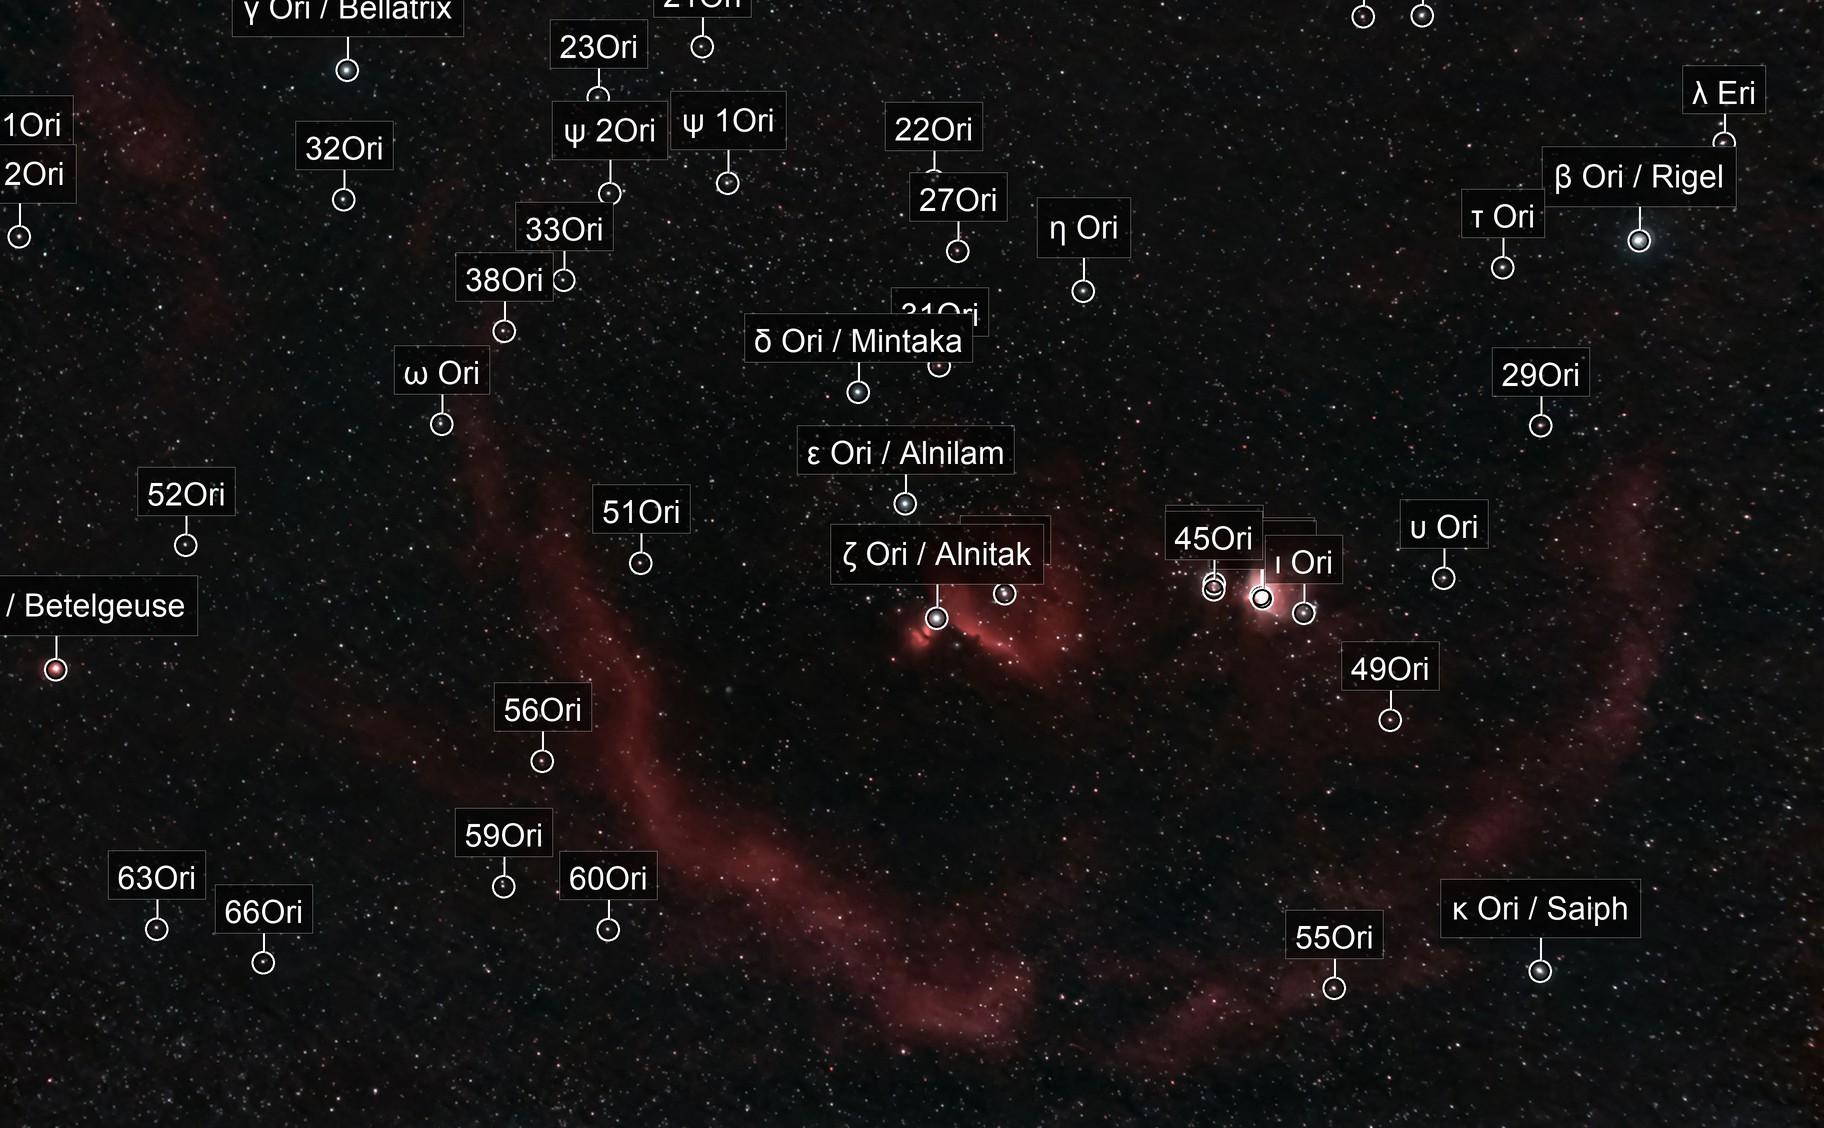 Orion Wide Field